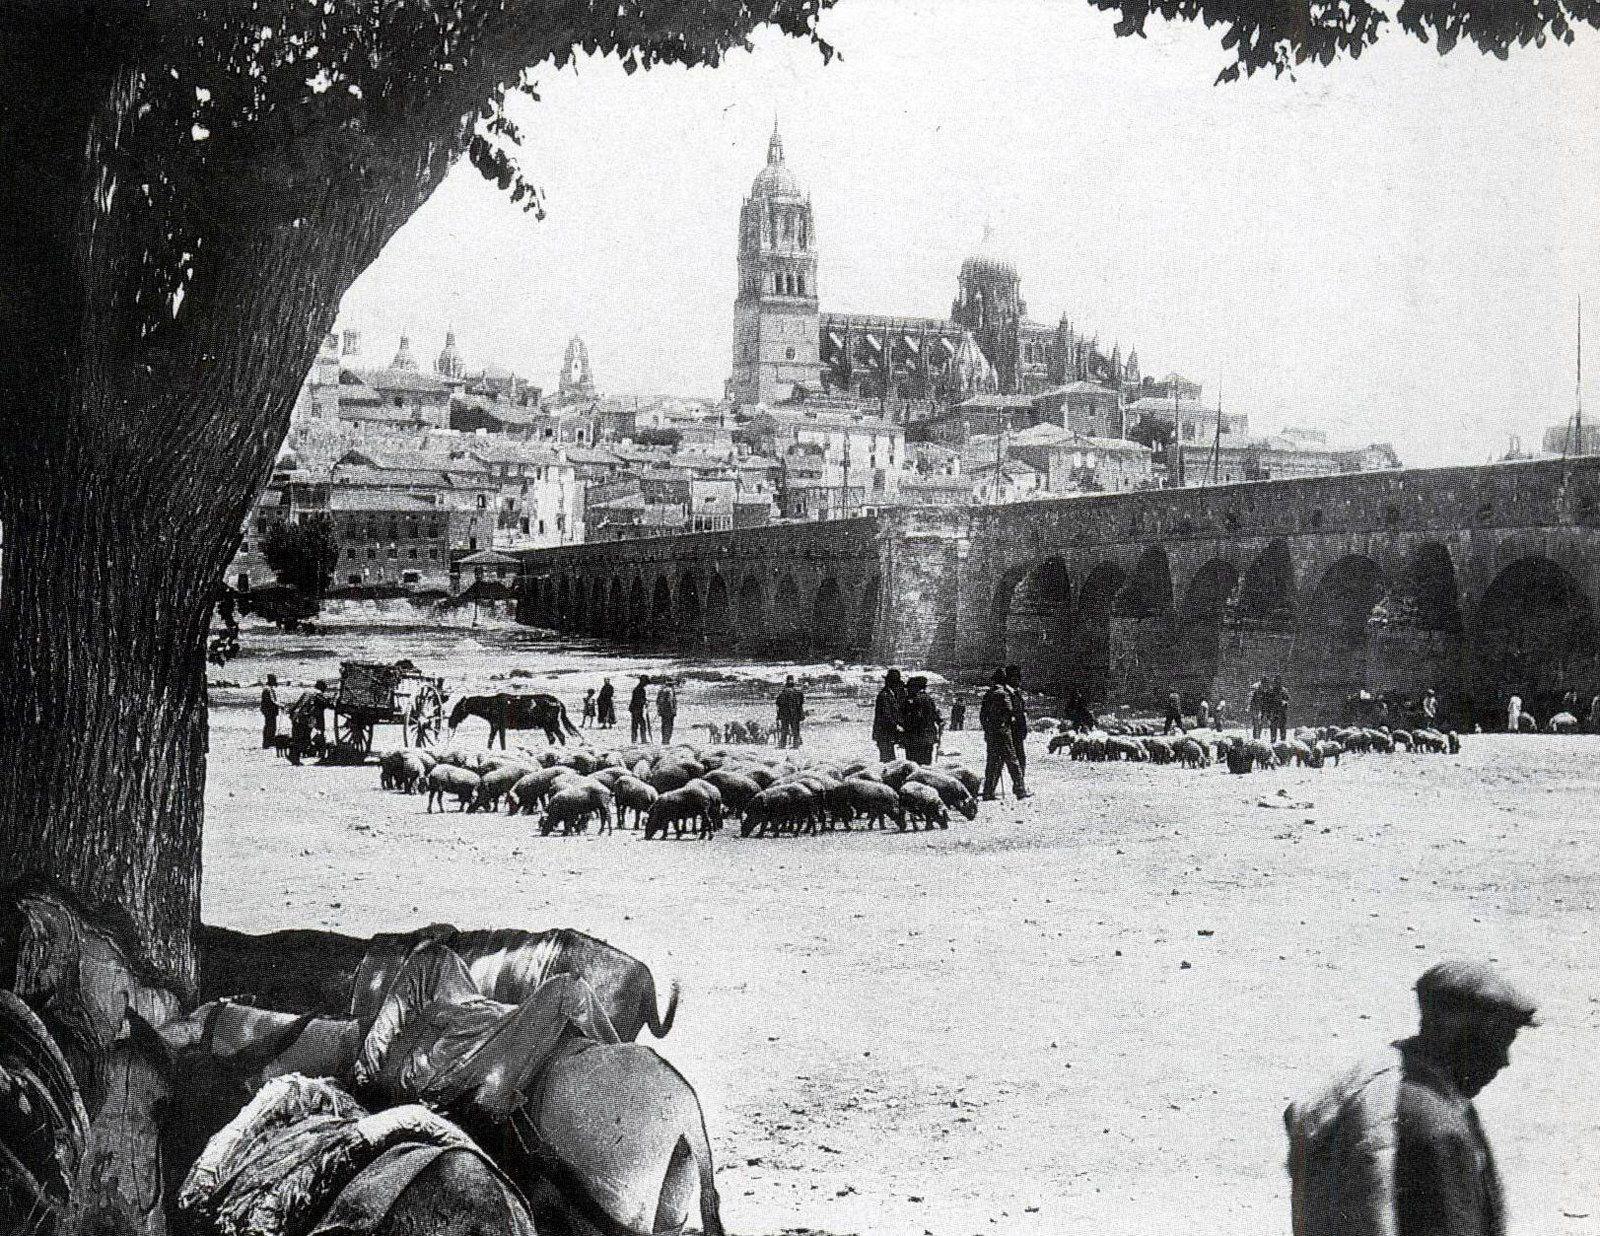 Vista de Salamanca y el Puente Romano, bajo un árbol un dia de feria de ganado, Candido Ansede